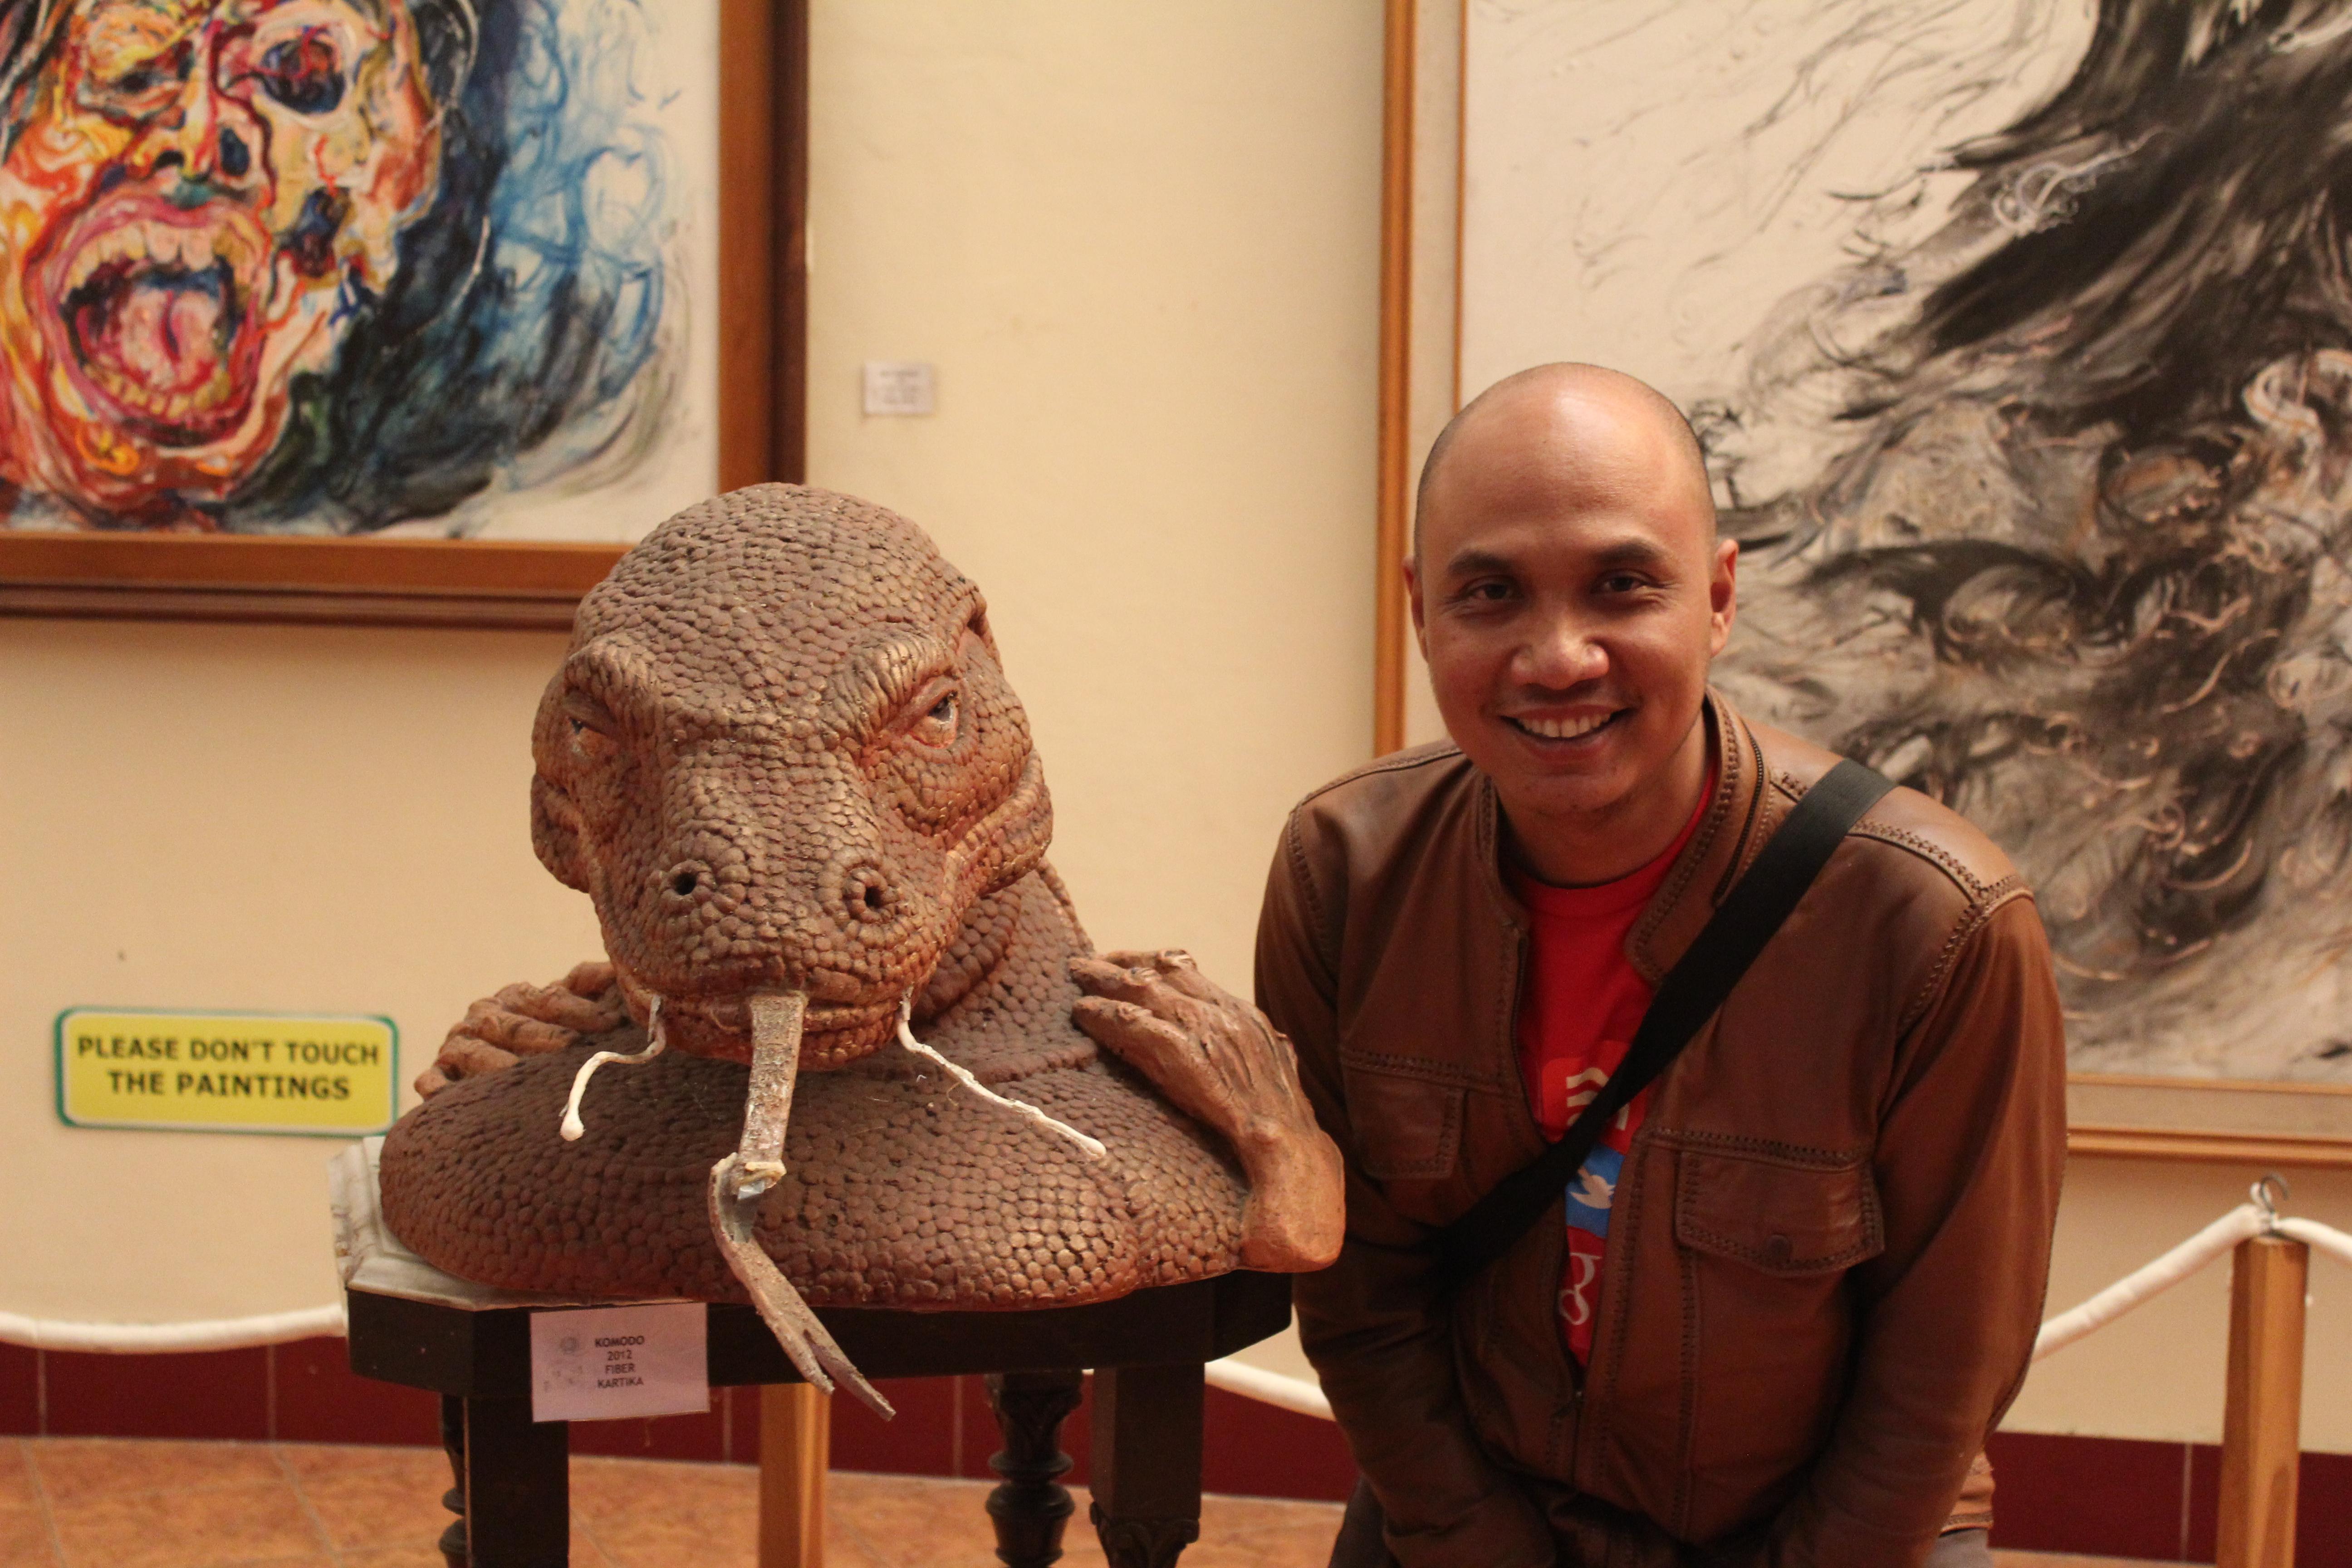 Patung Komodo di Museum Seni Rupa Lukis Affandi